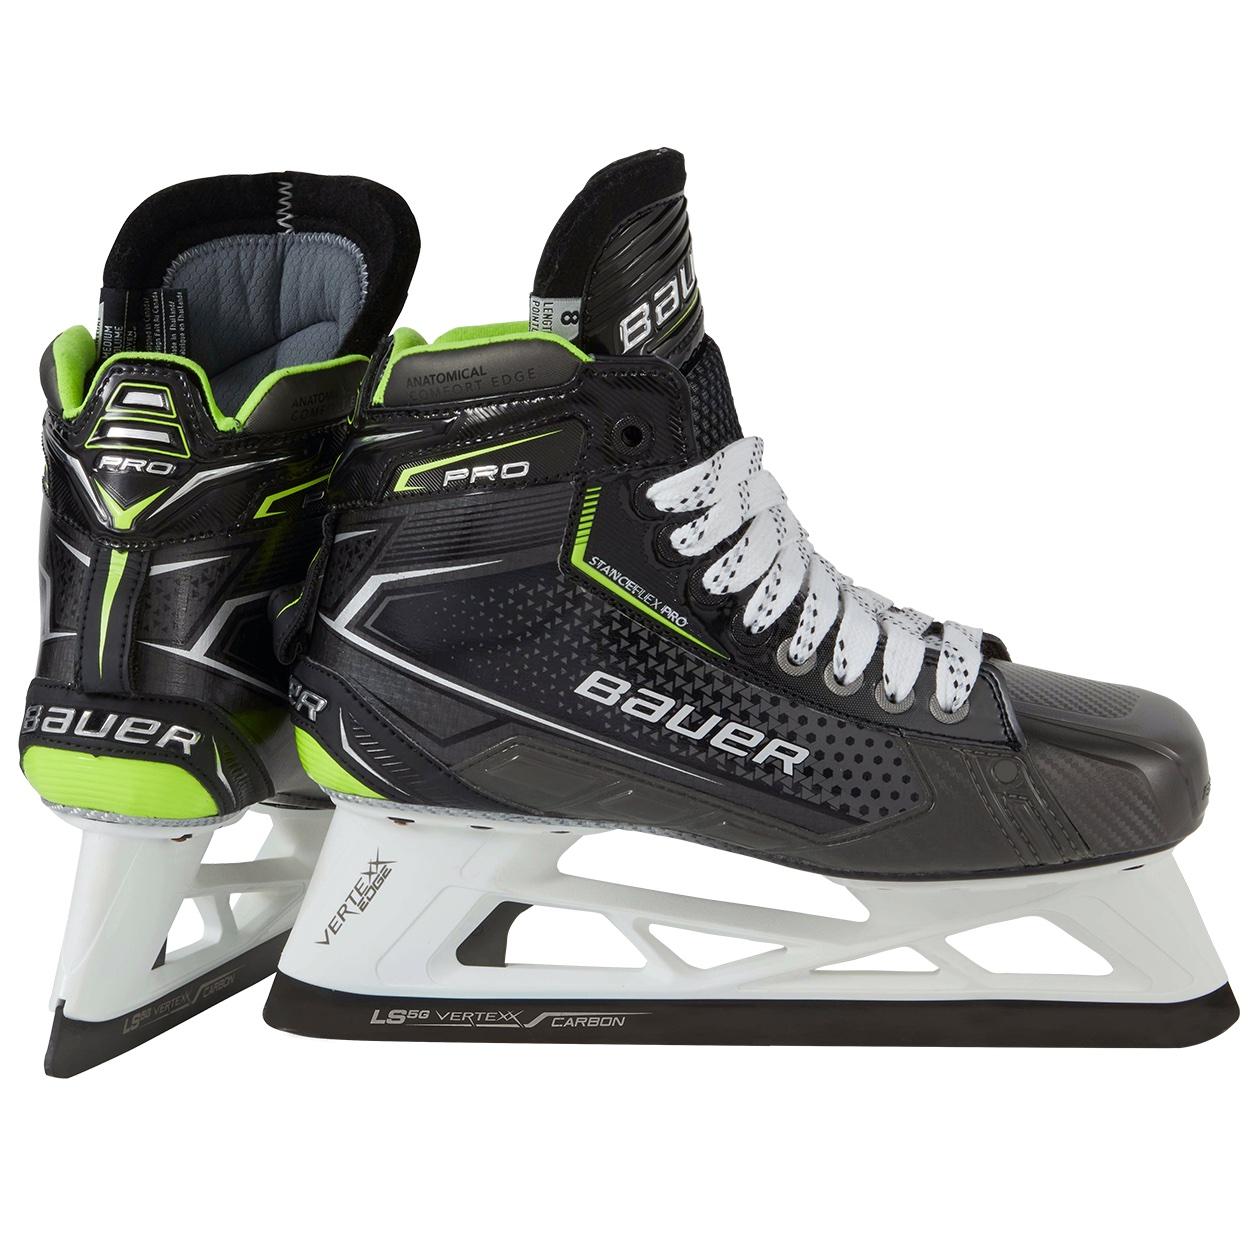 Best Overall Goalie Skates